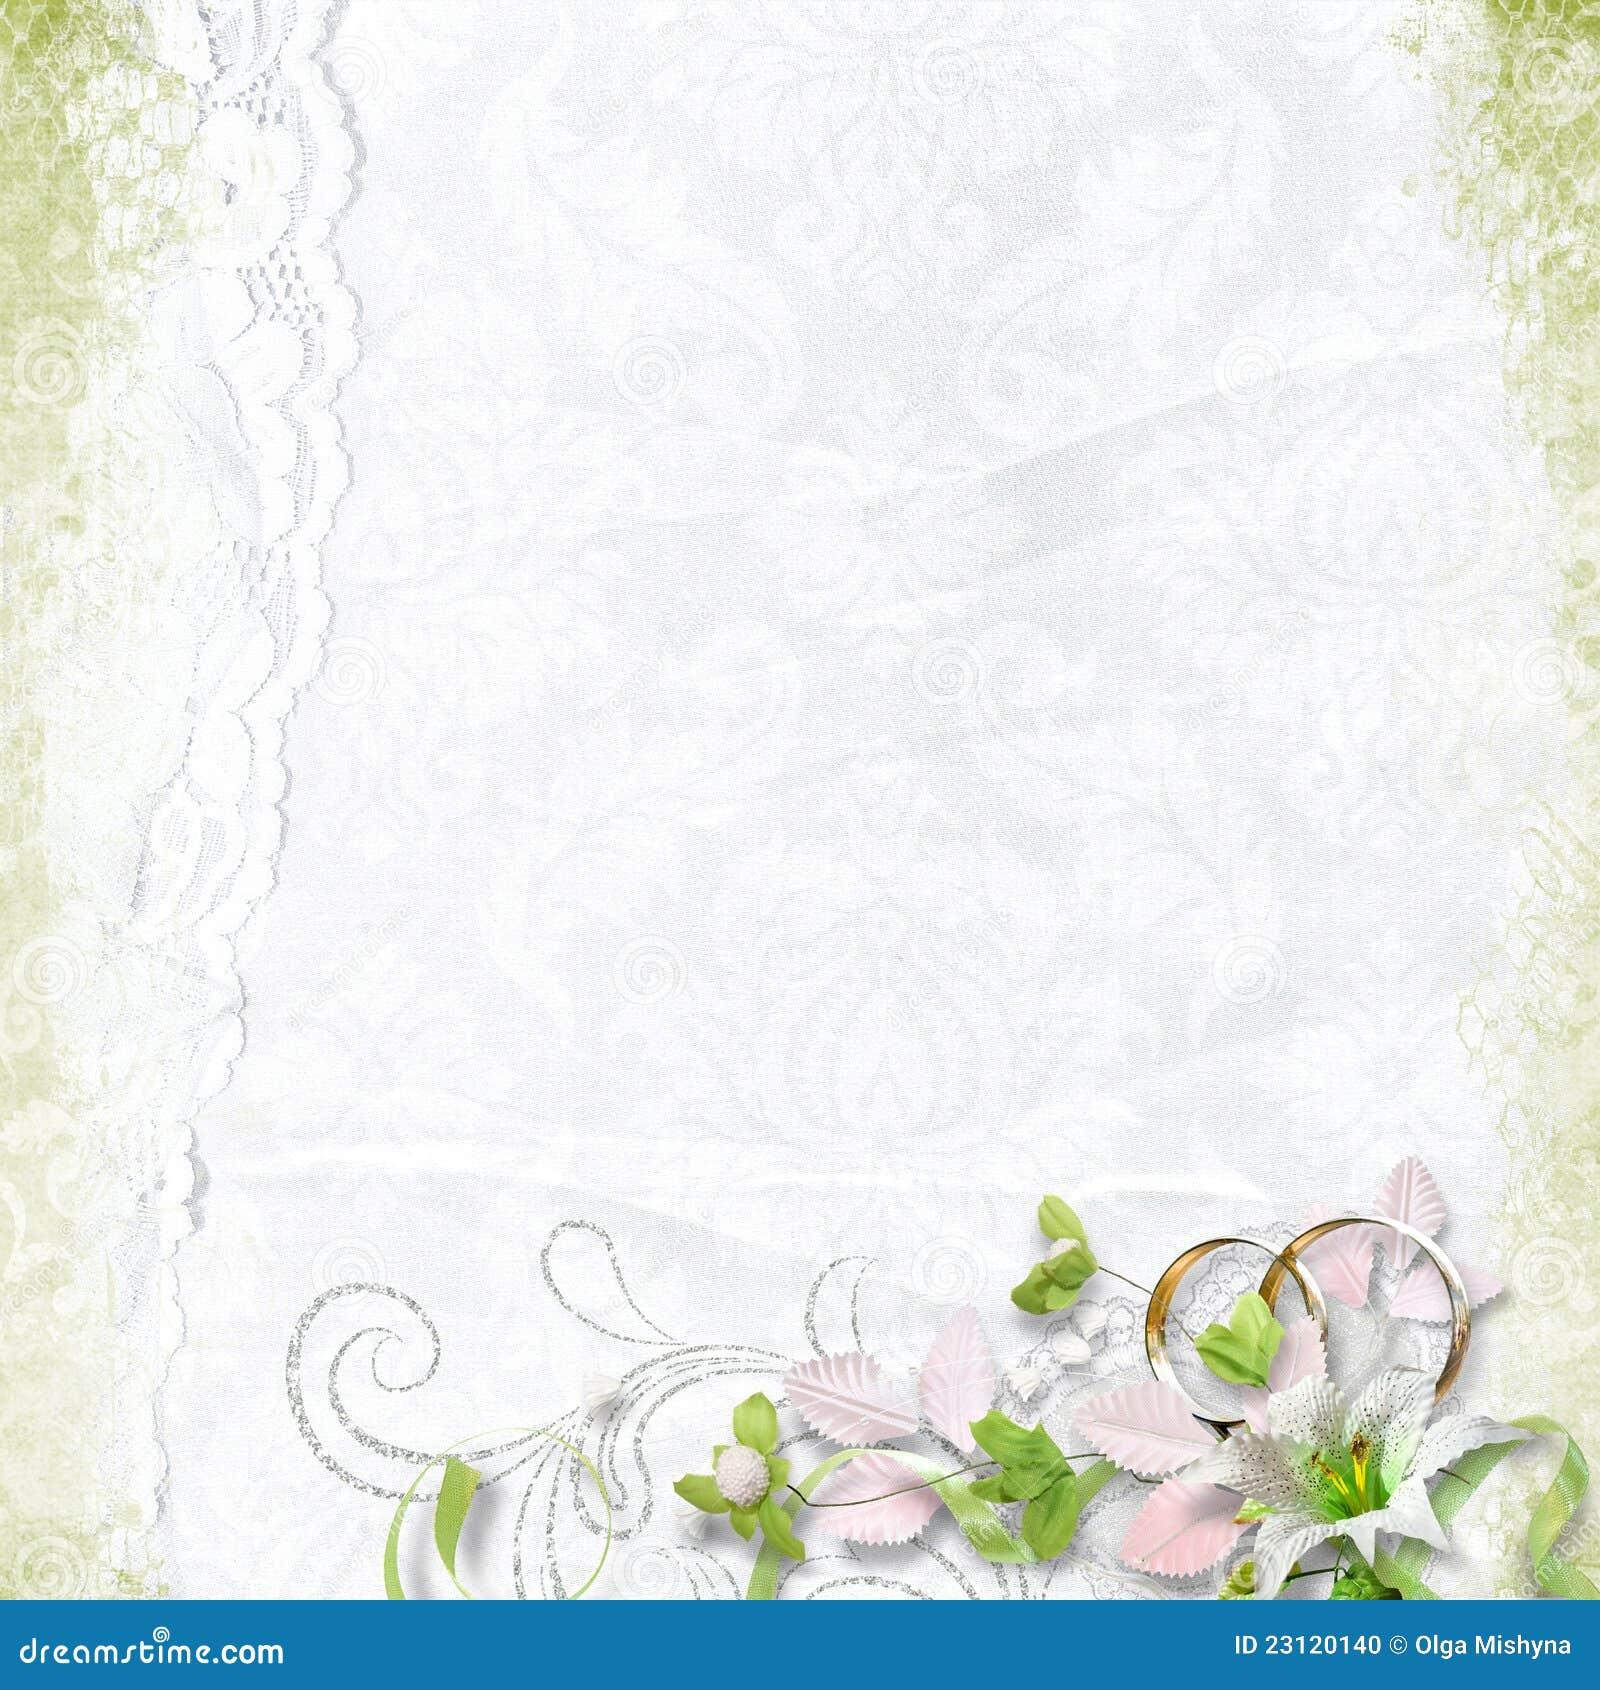 Wedding White Background: White Beautiful Wedding Background Stock Photo